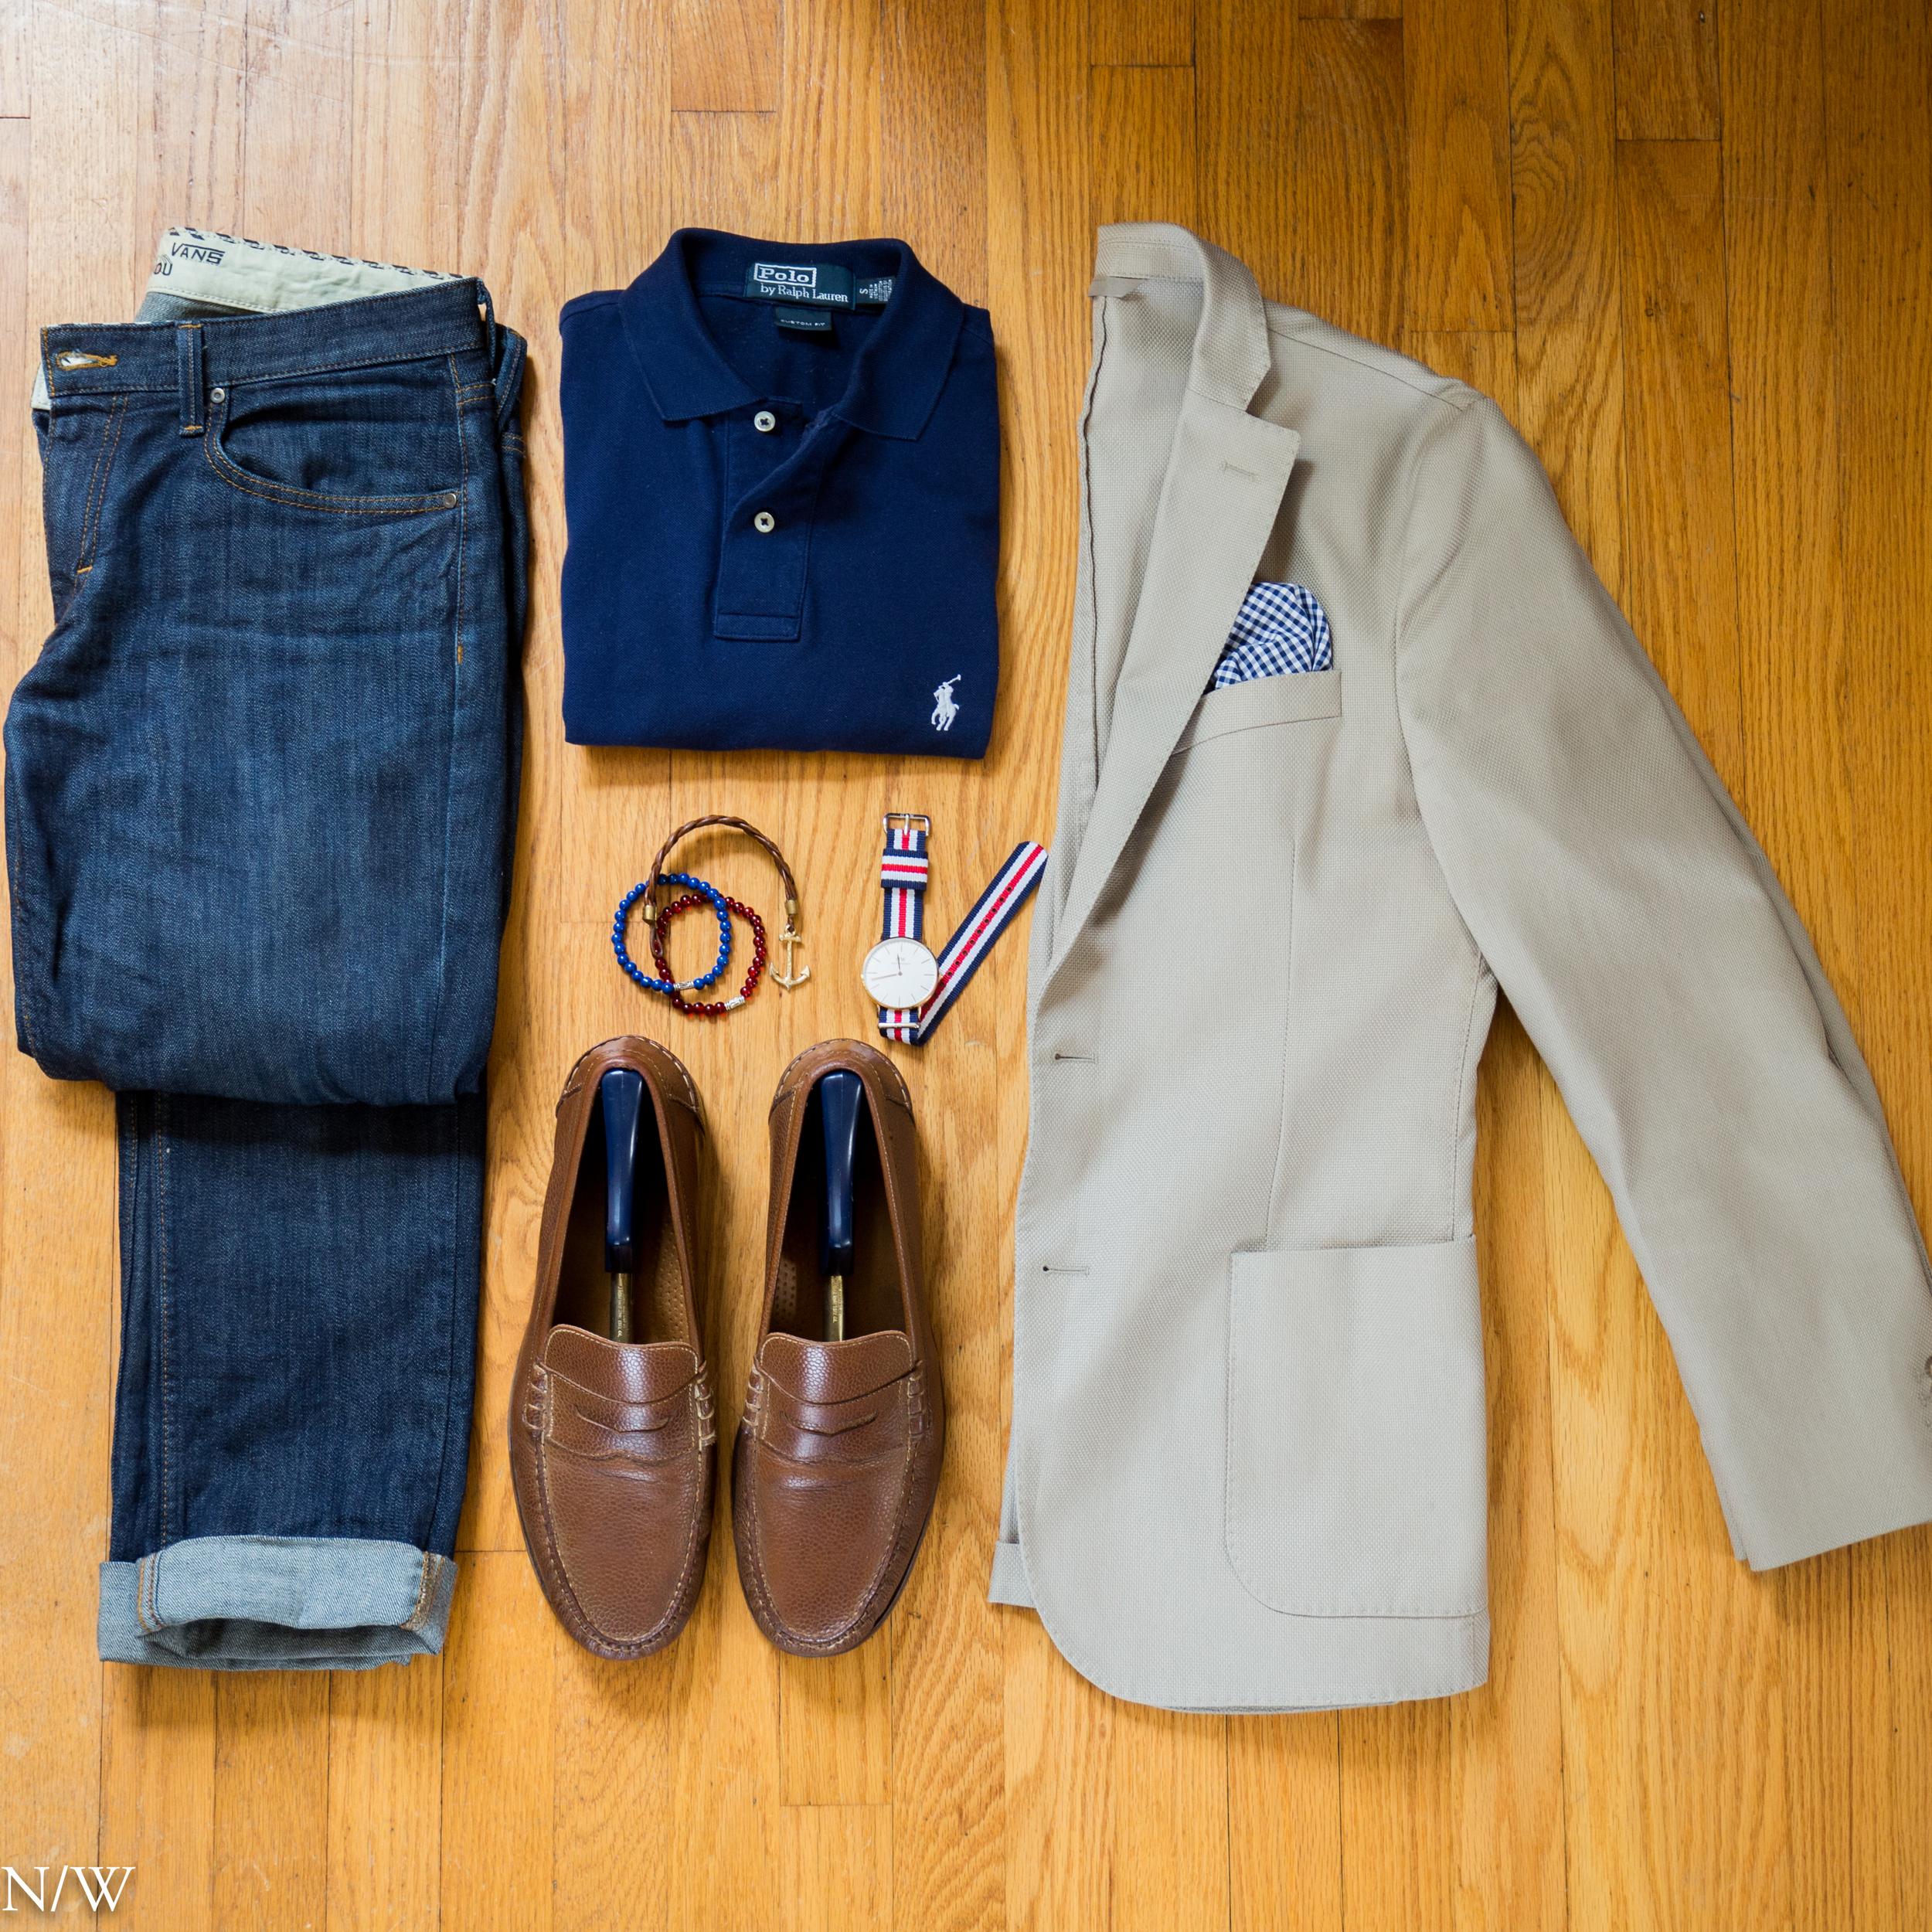 Shirt: Ralph Lauren, Blazer: J. Jindeberg, Pocket Square: J Crew, Sunglasses: Ray-Ban, Watch: Daniel Wellington , Shoes: Cole Haan, Bracelets: Kjp, Our Saints.